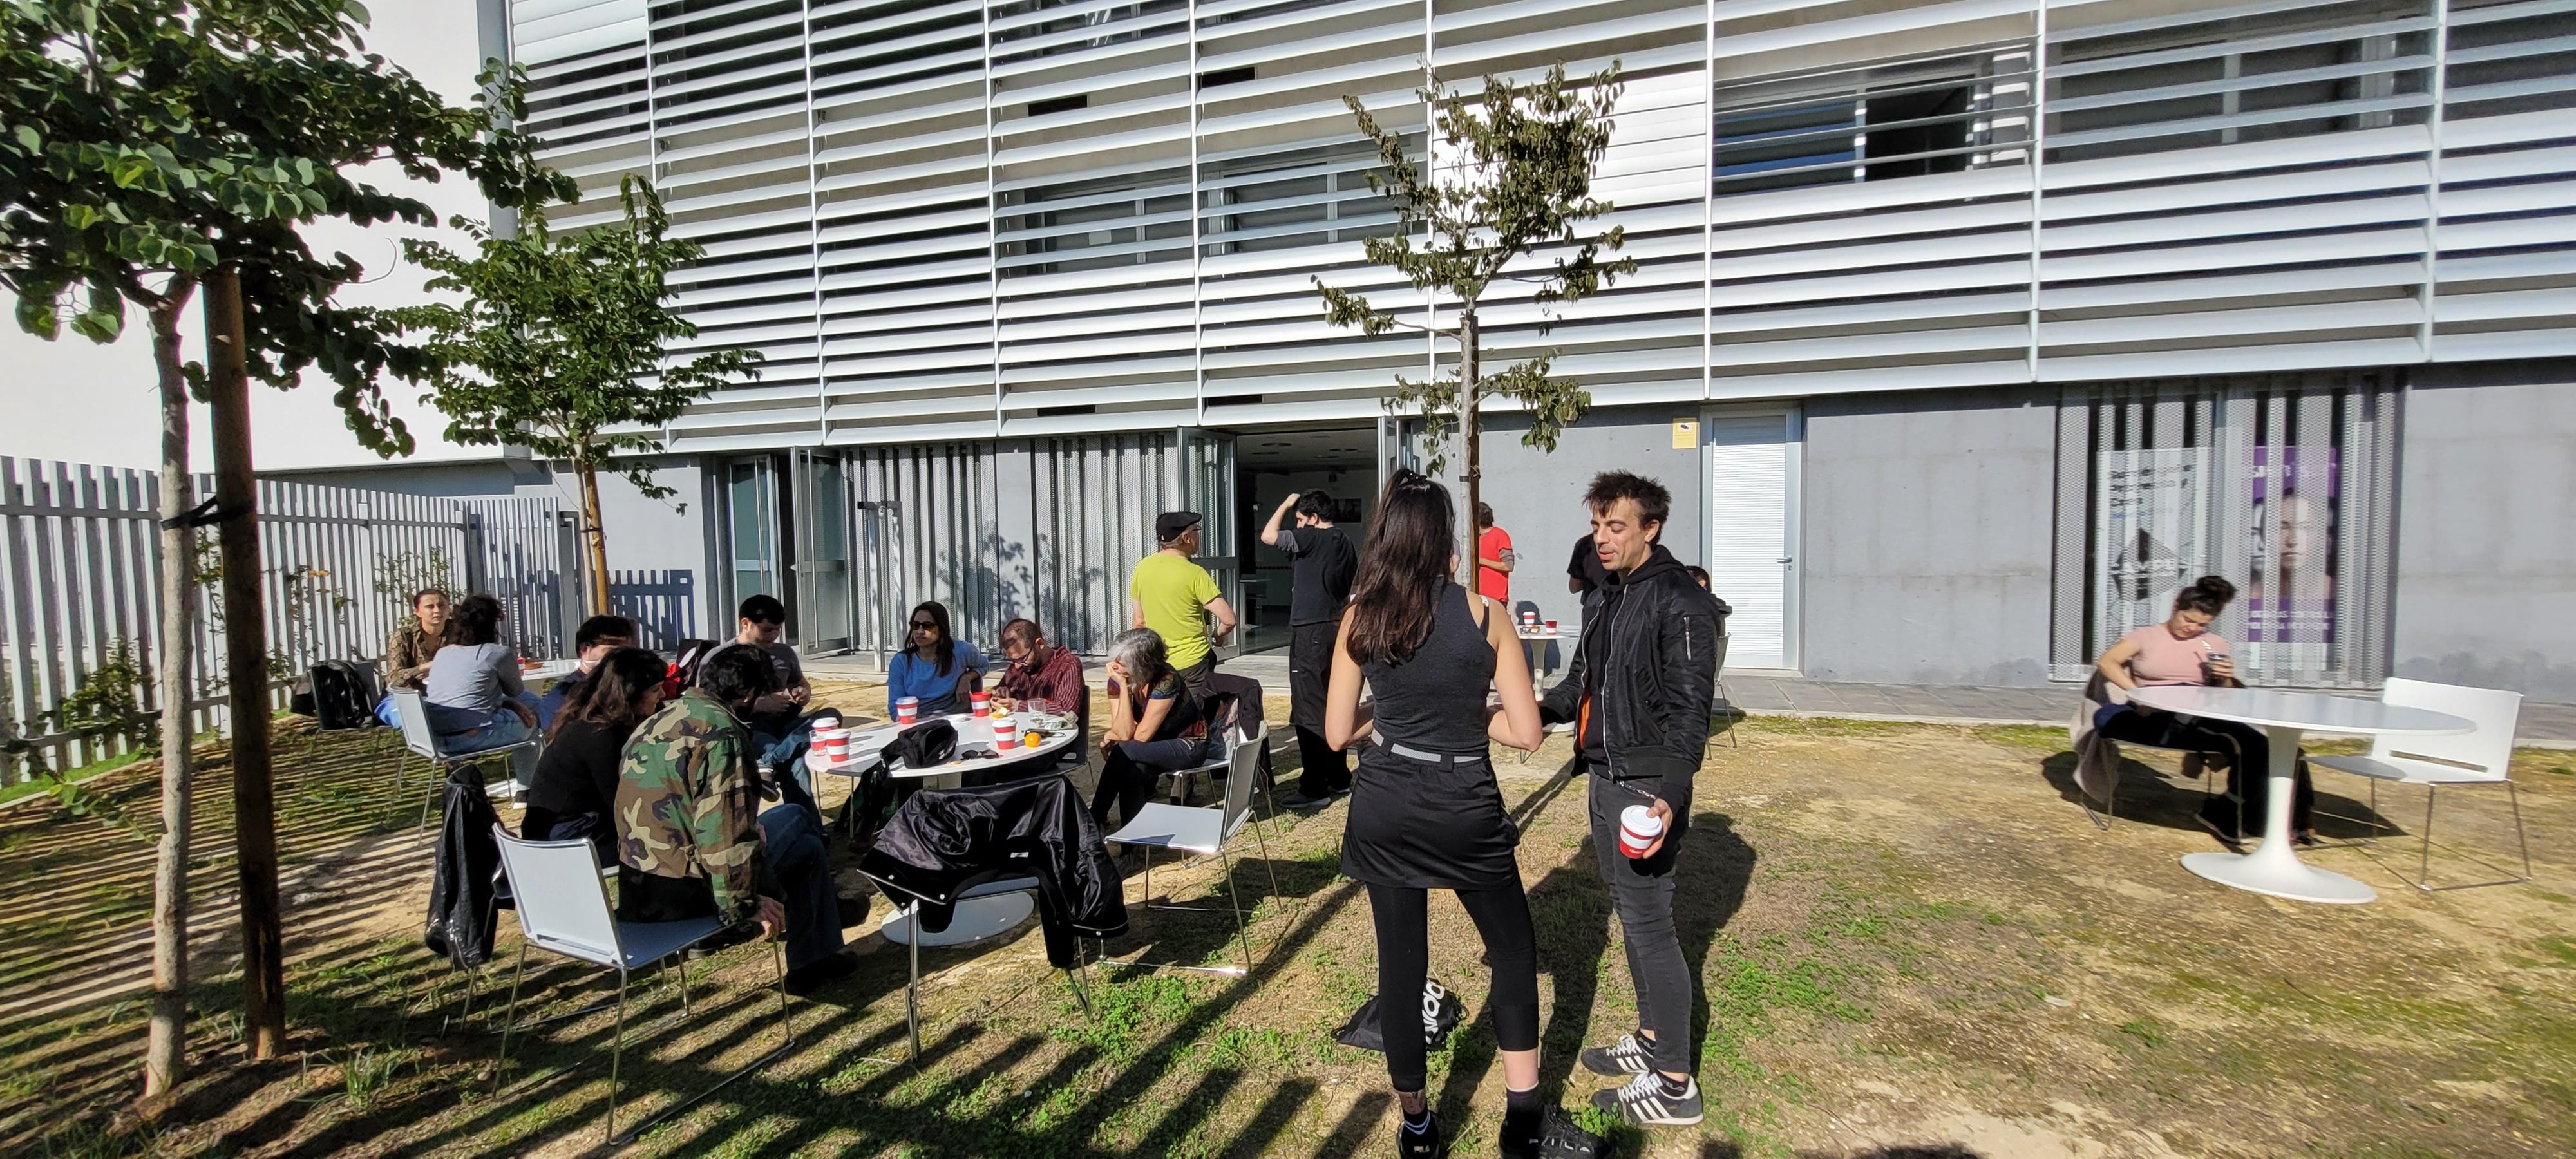 2º Campus Polígono Sur